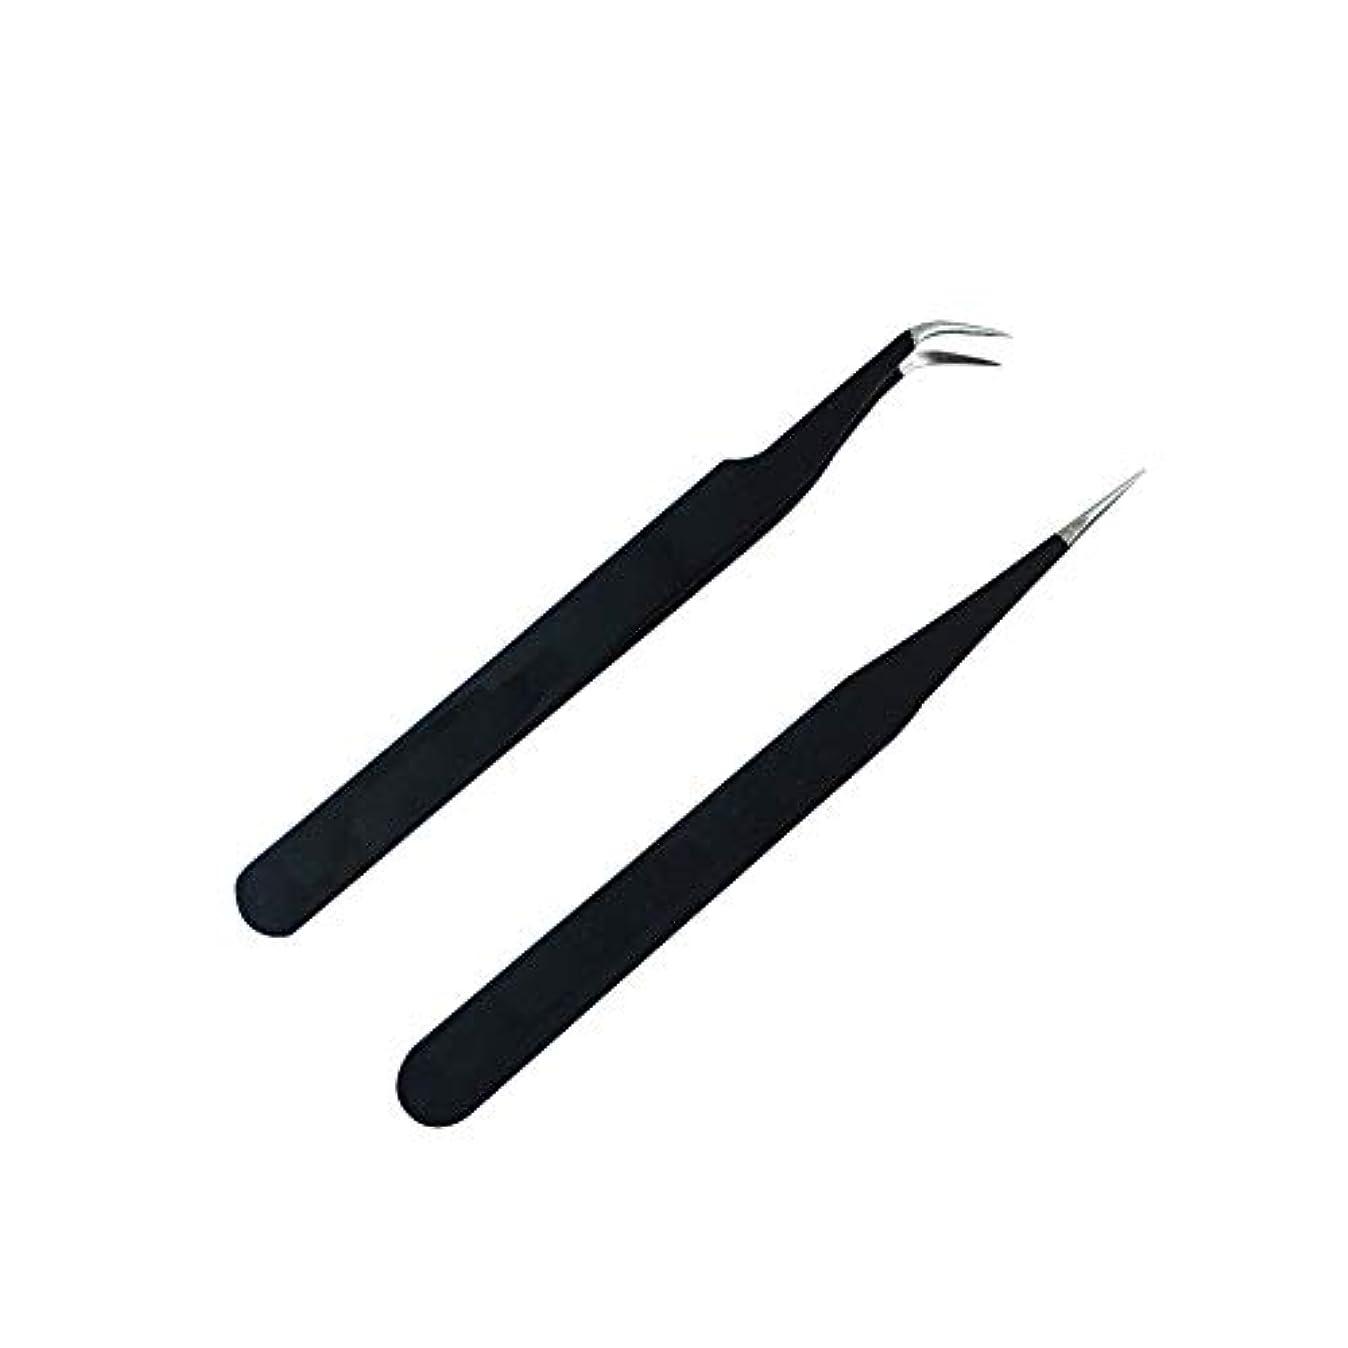 目の前の学んだジョリー直線及び湾曲した先端の睫毛エクステンションブラッククランプ鉗子の睫毛ダイヤモンドツールセットを拡張マニキュア帯電防止ピンセット鉗子